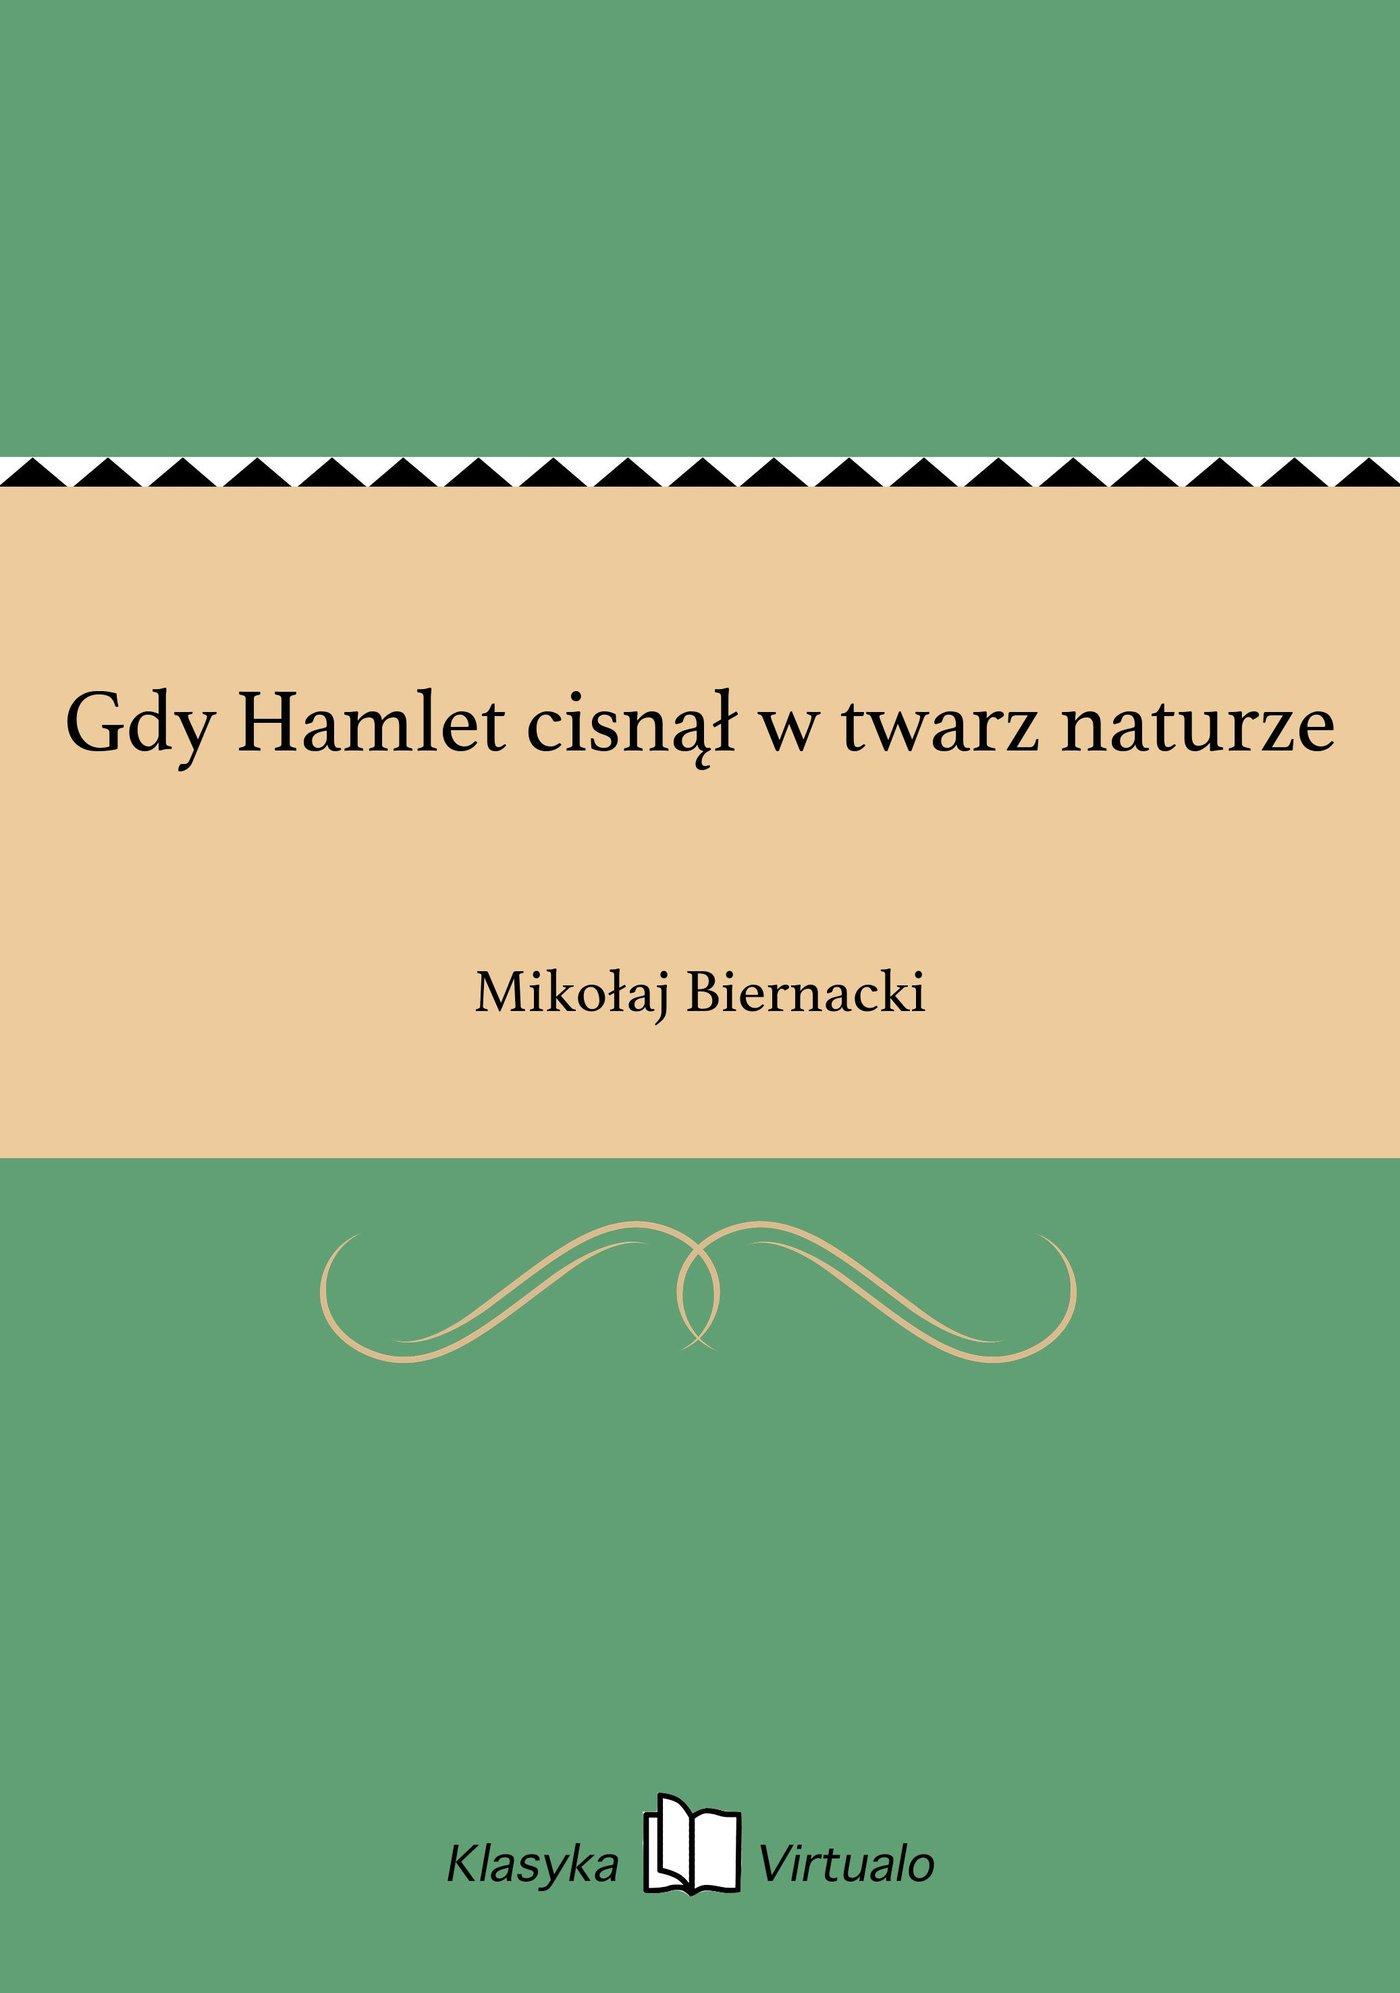 Gdy Hamlet cisnął w twarz naturze - Ebook (Książka na Kindle) do pobrania w formacie MOBI